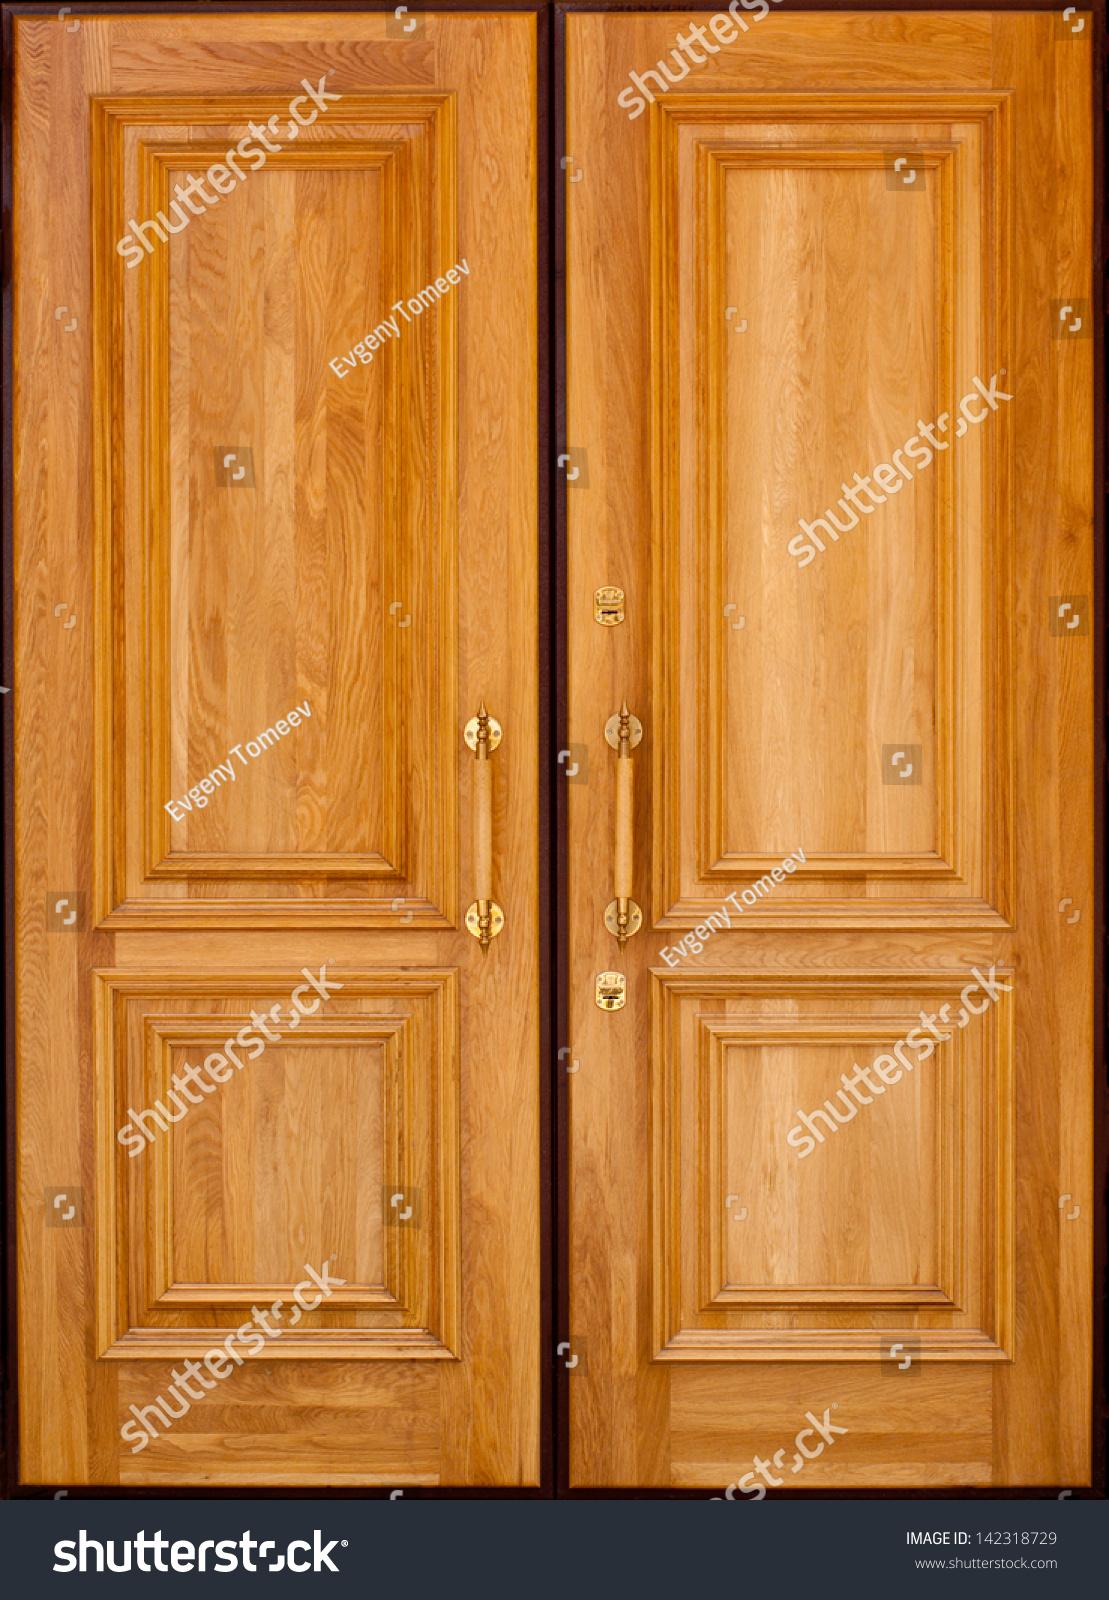 photo image door wooden front big download stock minimalist now